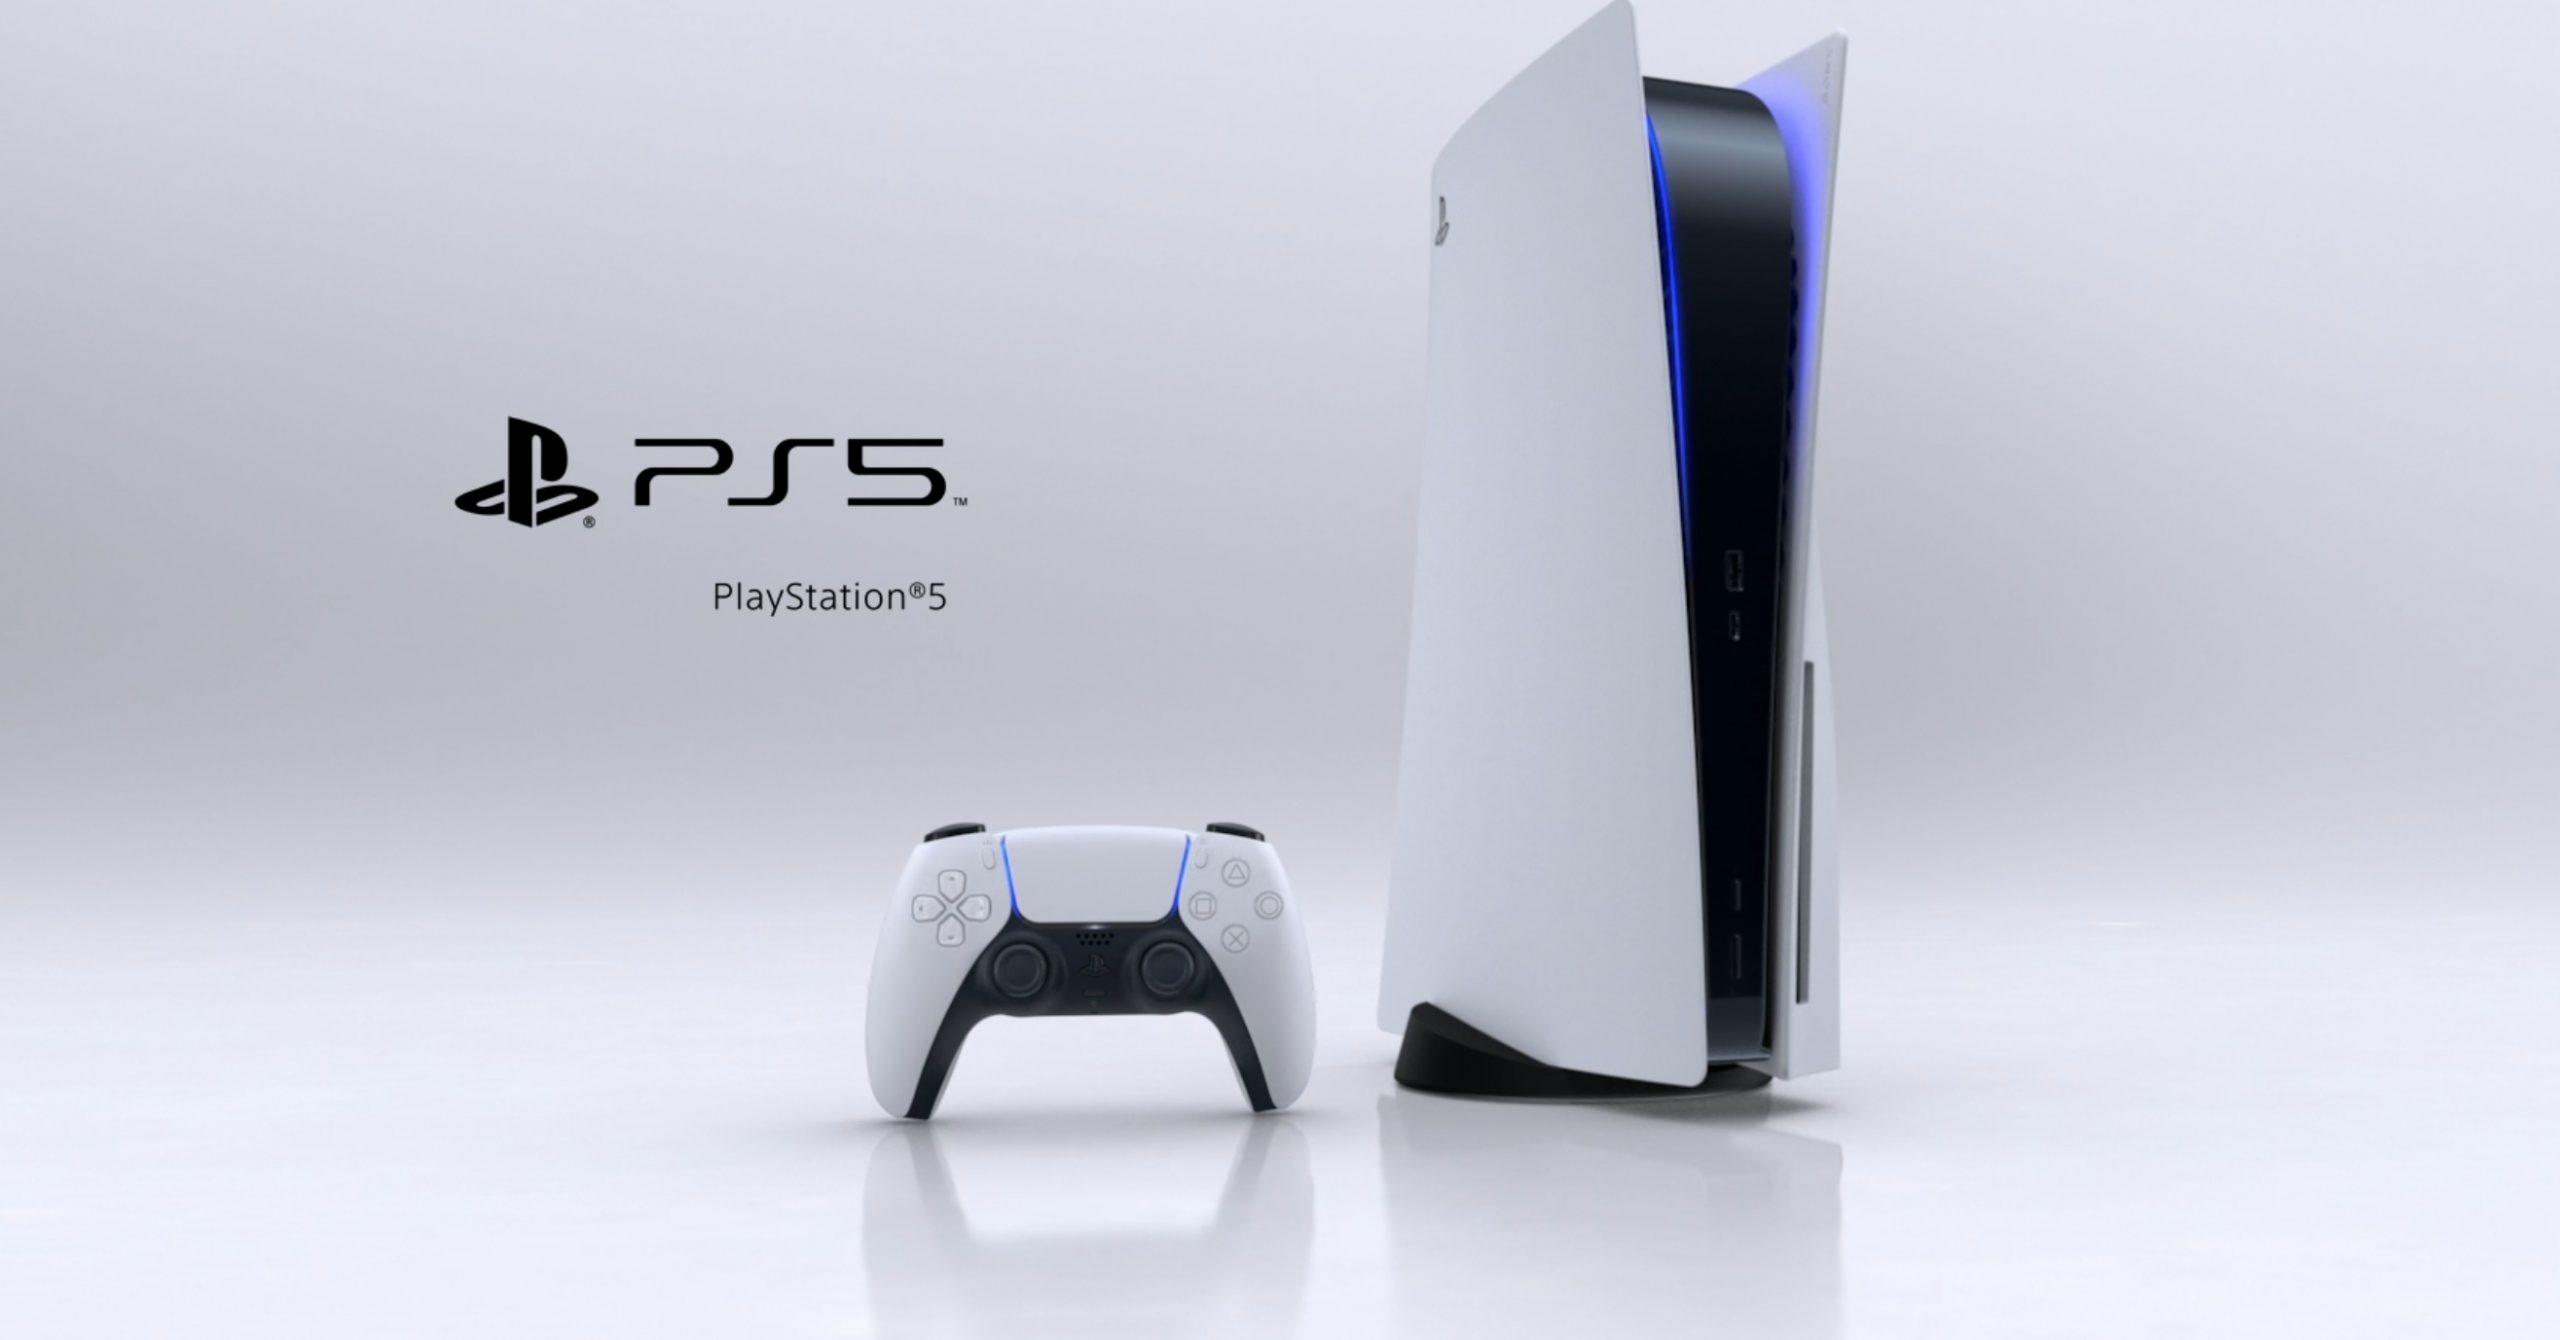 playstation 5 preis und release datum bekannt gegeben